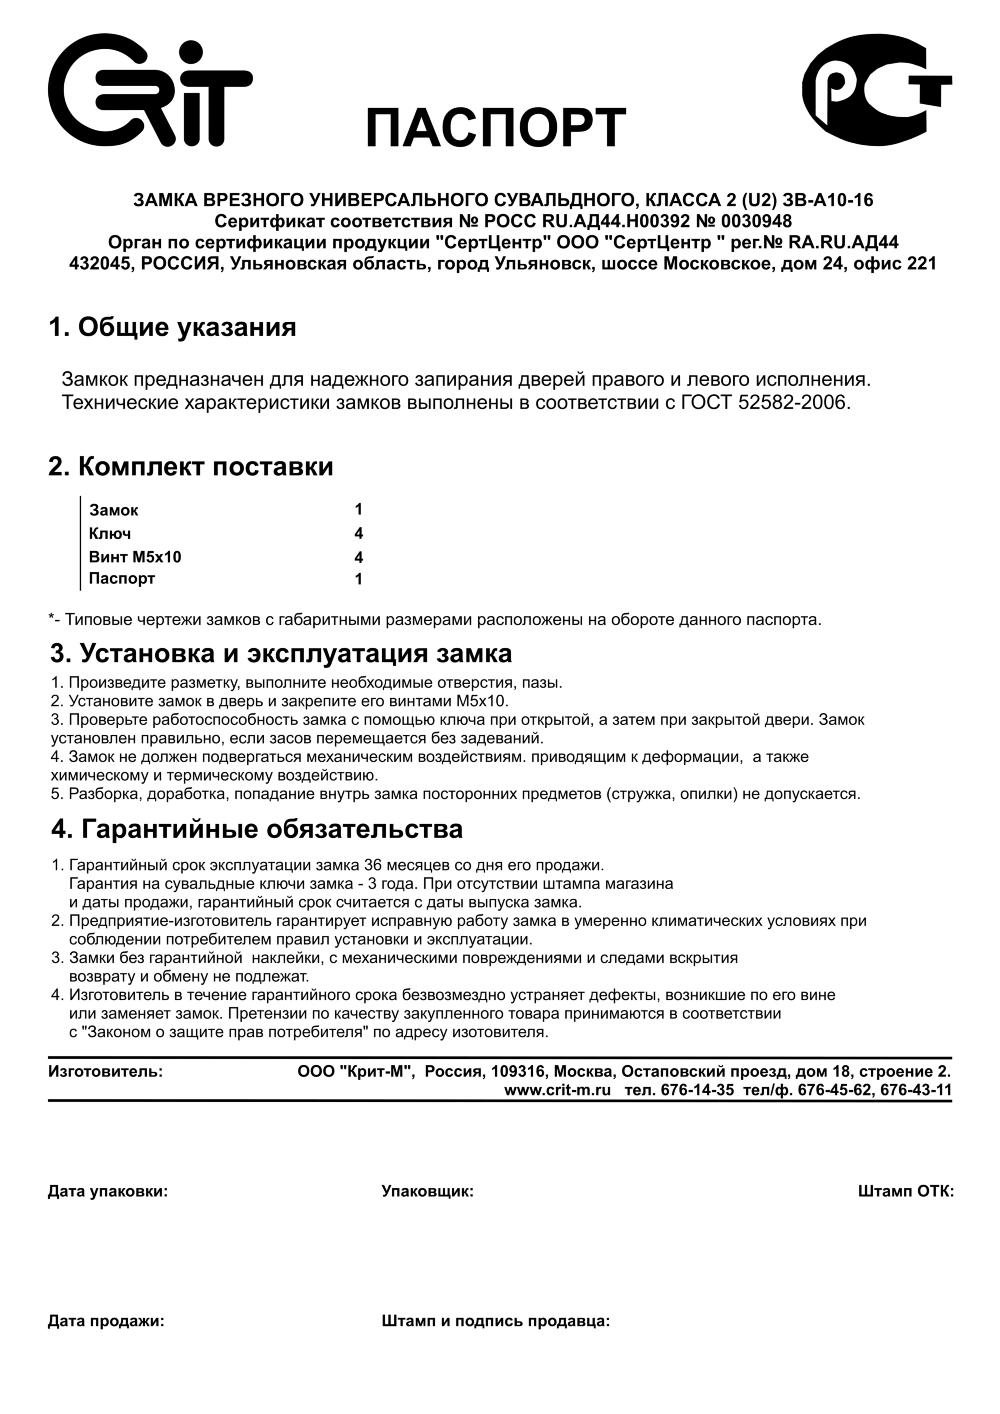 Паспорт изделия замок А10-16 стр1